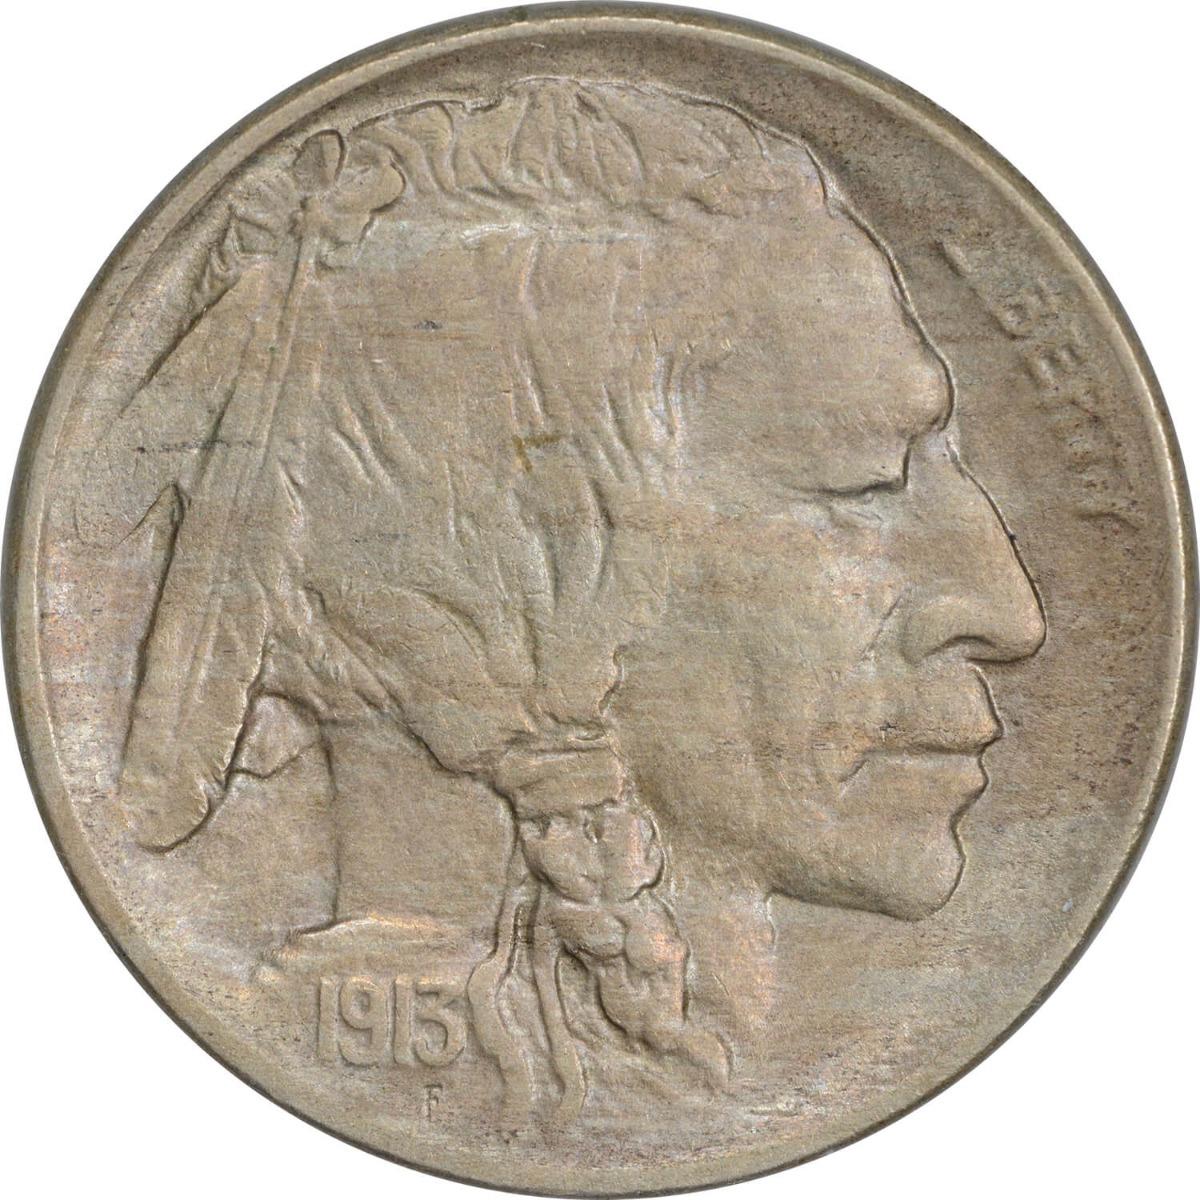 1913-D Buffalo Nickel Type 1 AU Uncertified